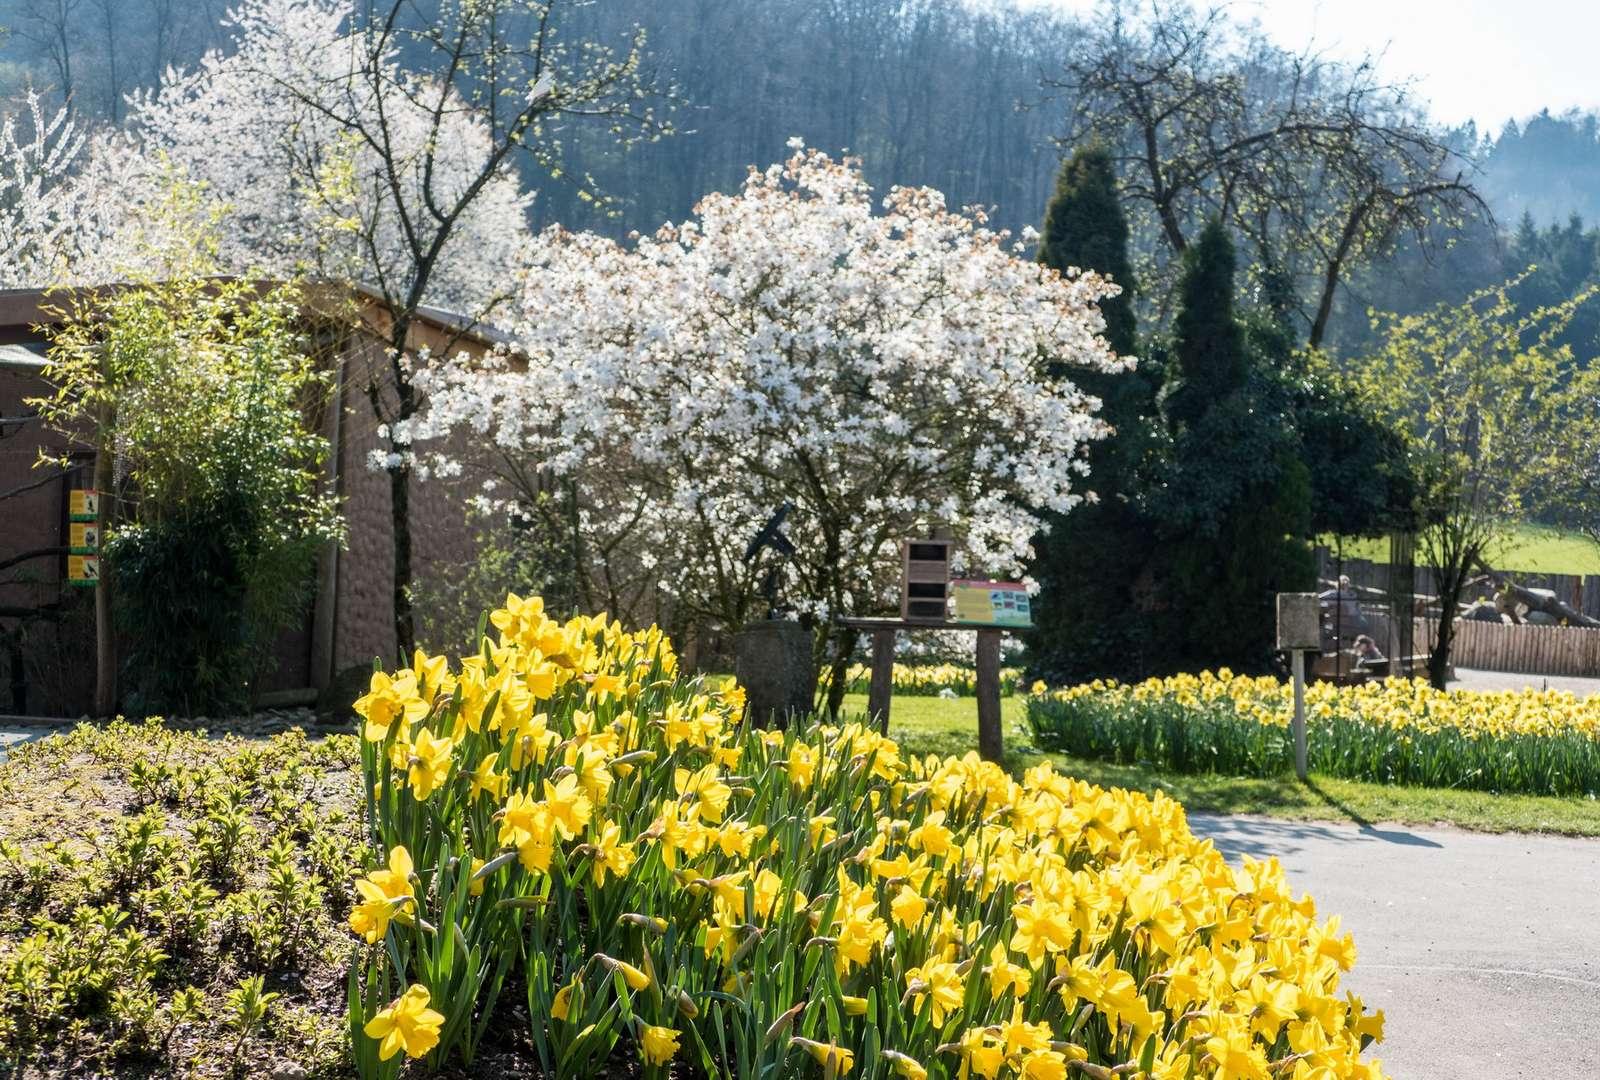 Mehr Frühling? Geht nicht! - Pünktlich zu den Osterferien stehen 20.000 Narzissen in voller Blüte